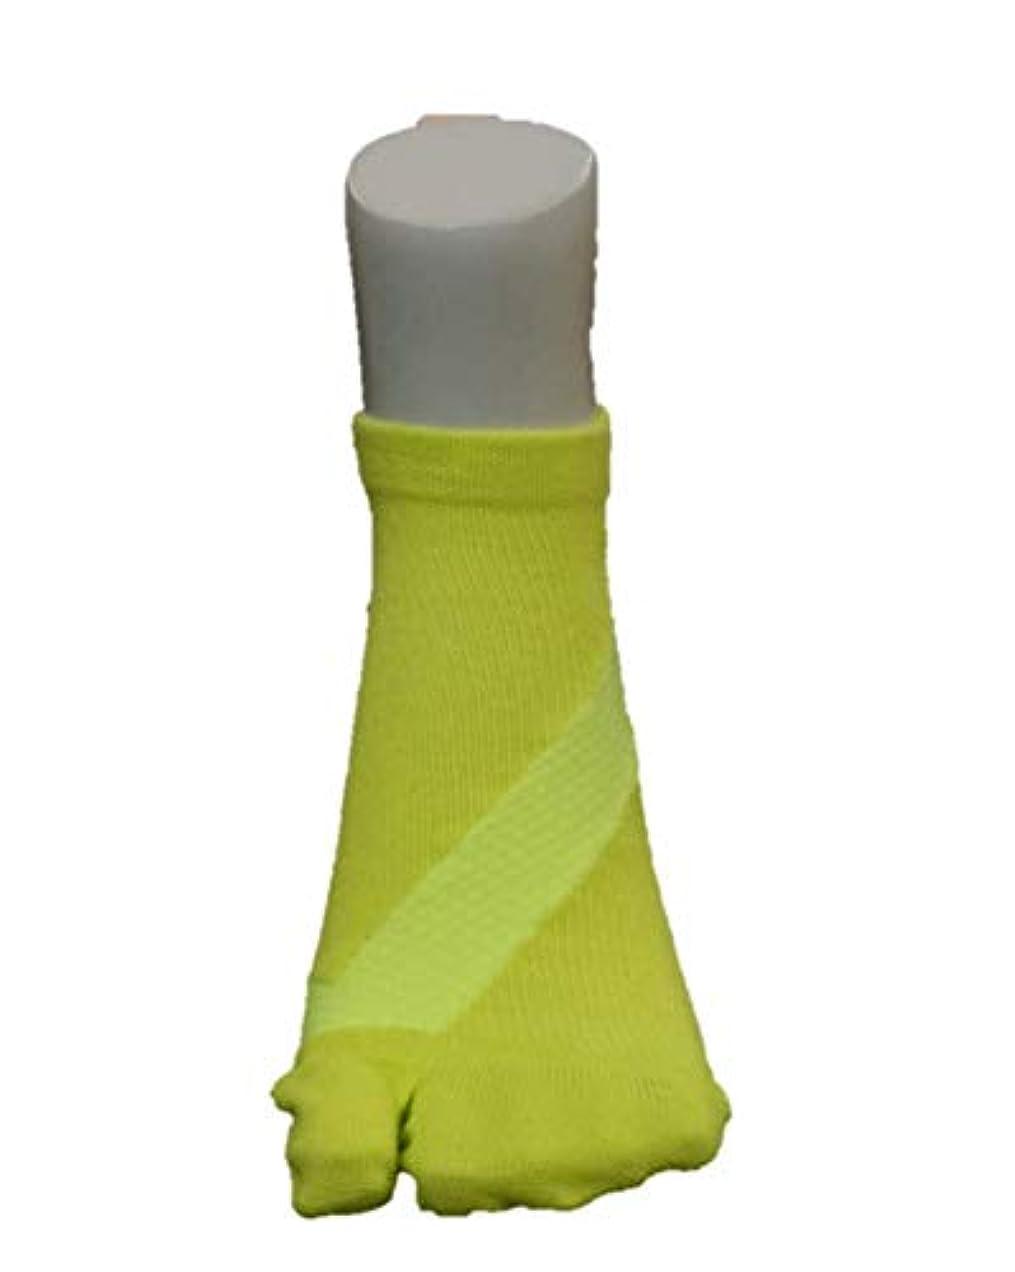 連鎖結核マーチャンダイザーさとう式 フレクサーソックス アンクル 黄色 (M 24-26)